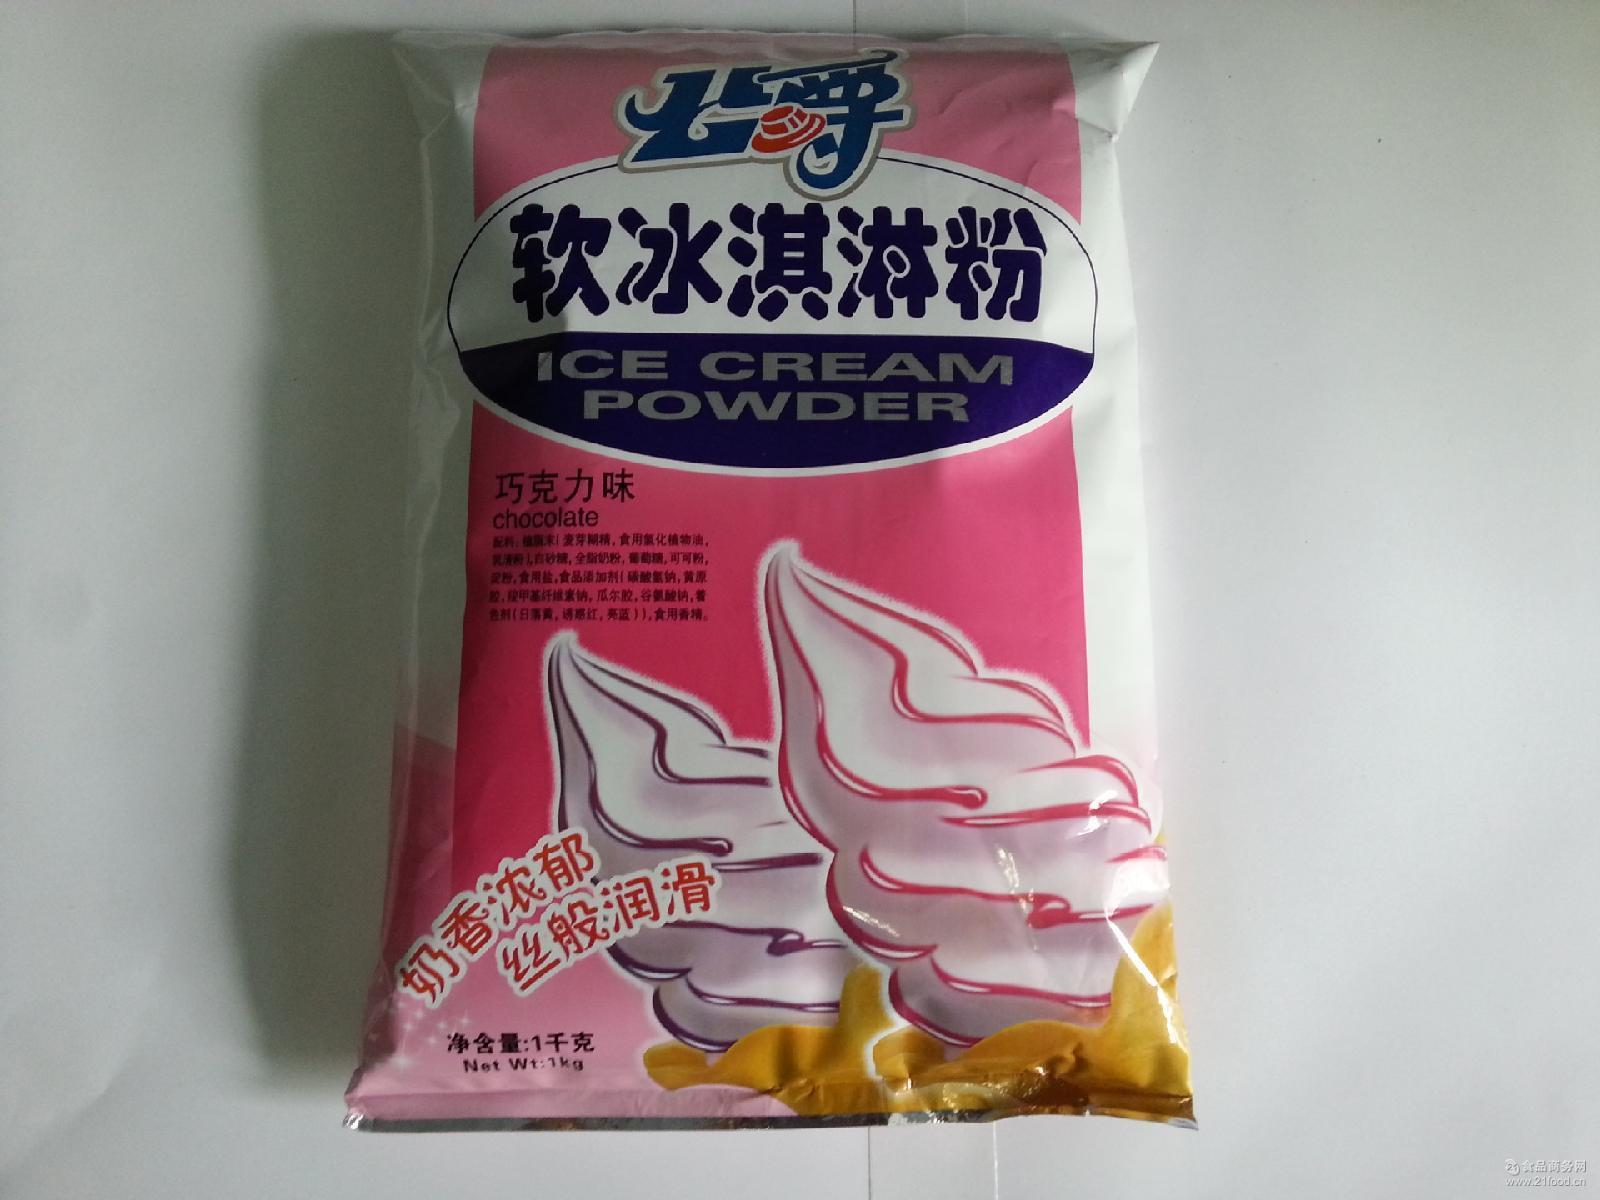 公爵软冰淇淋粉冰激凌粉香草芒果巧克力草莓等12种口味1kg*12